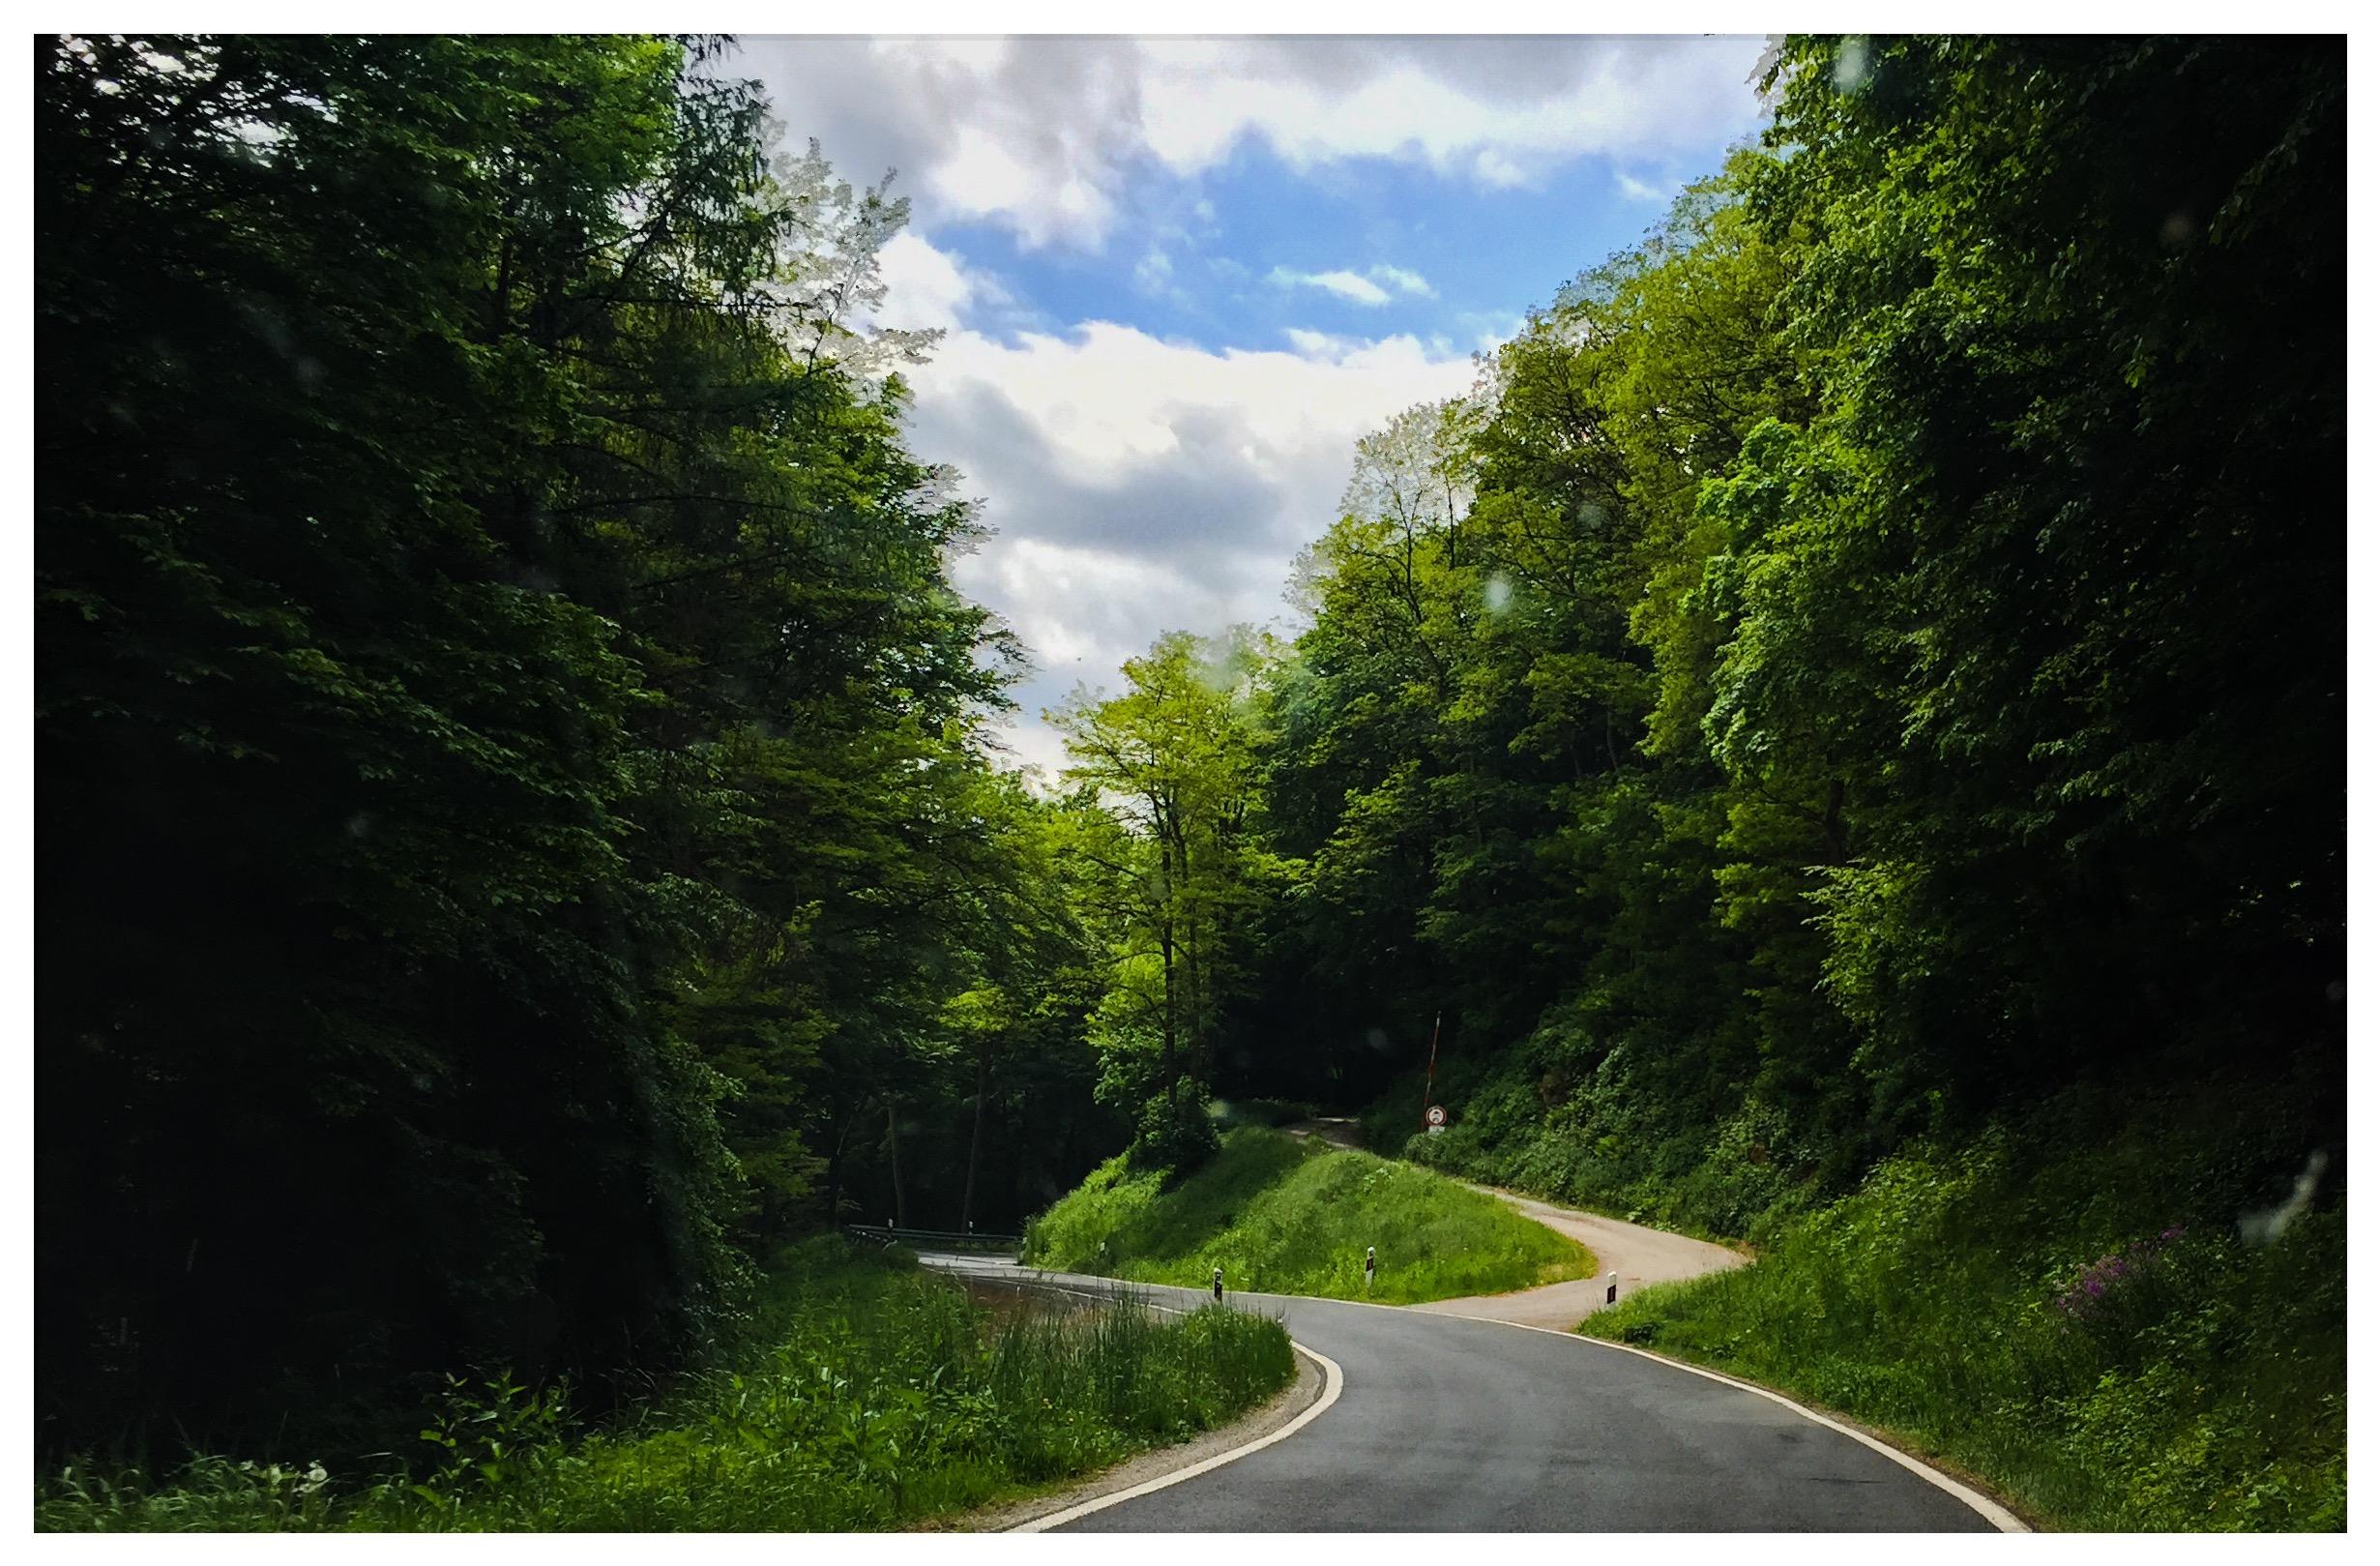 Unterwegs auf Gemeindeverbindungsstraßen #54